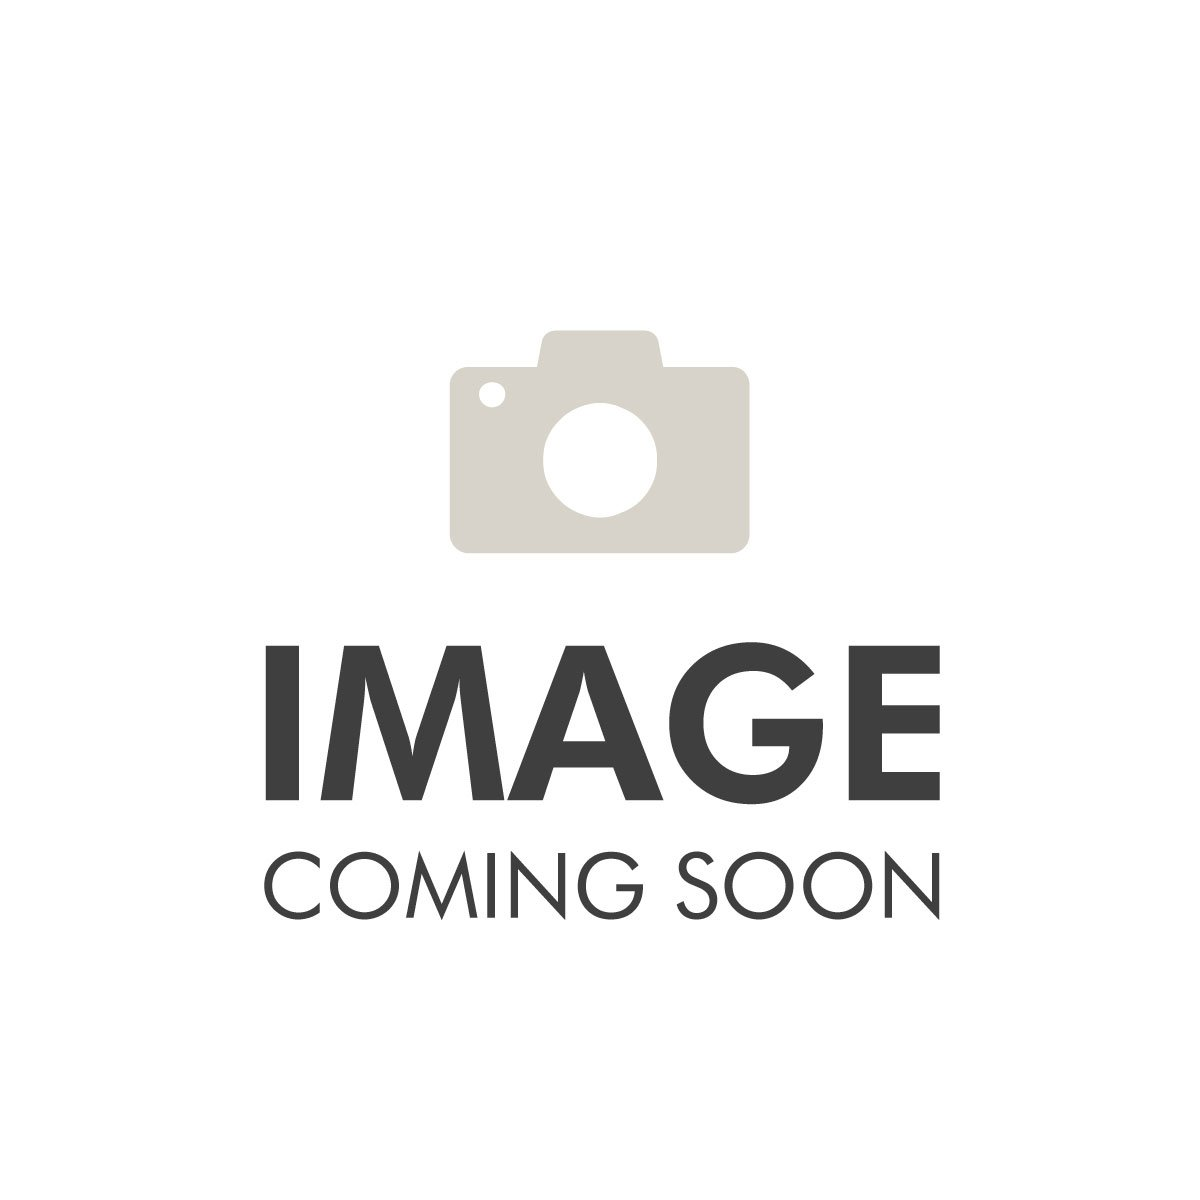 Allstar - Vis de pointe de fleuret (10-Pack)